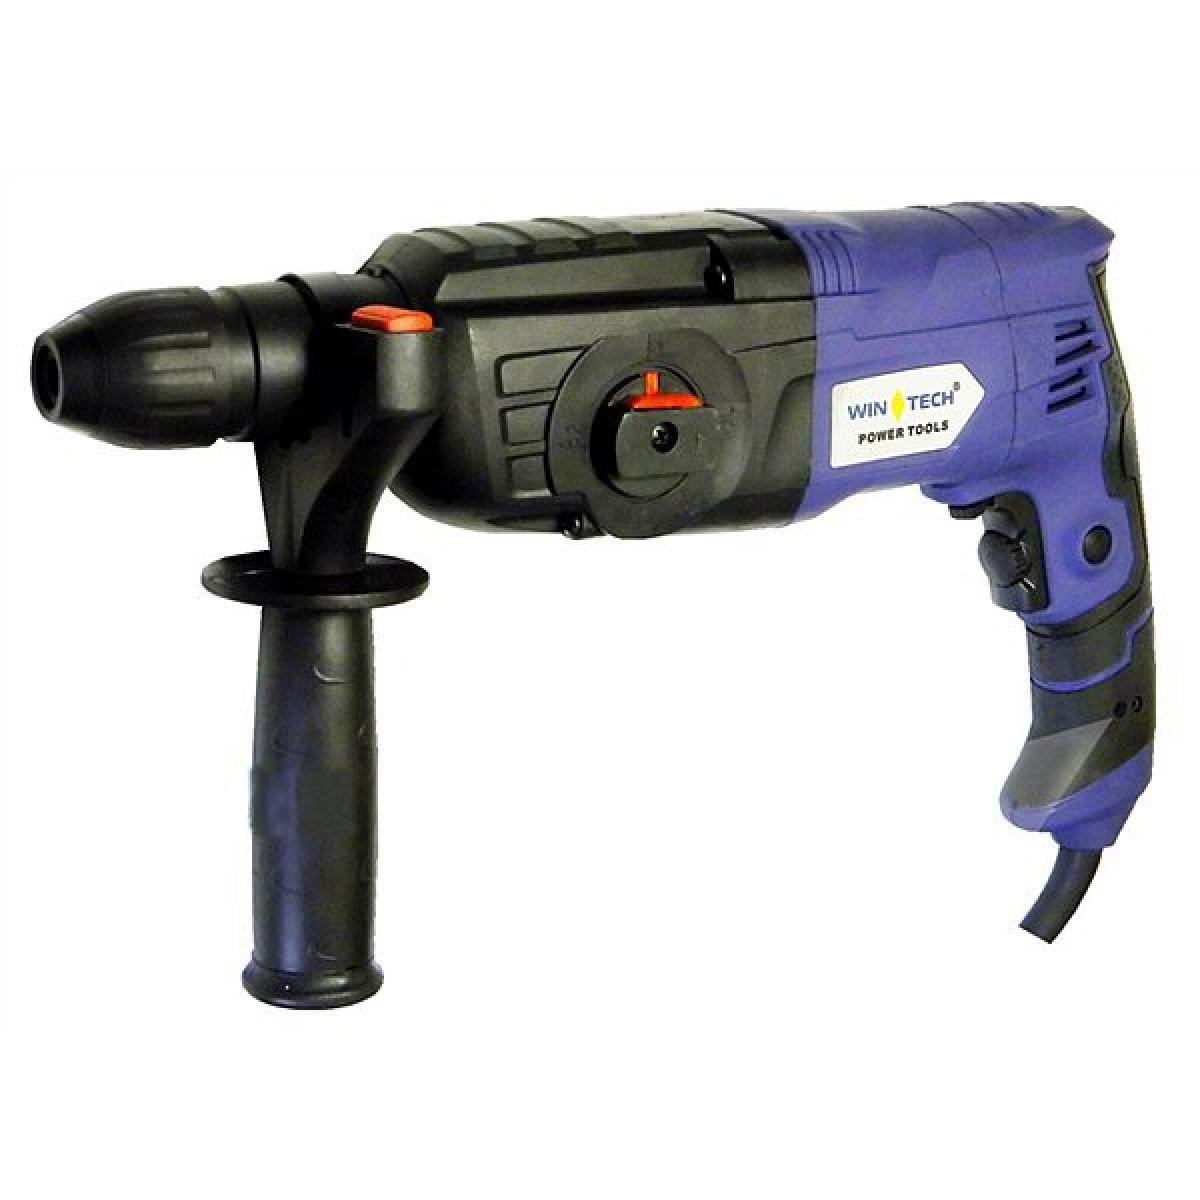 Перфоратор прямой Wintech WHD-850 DFR